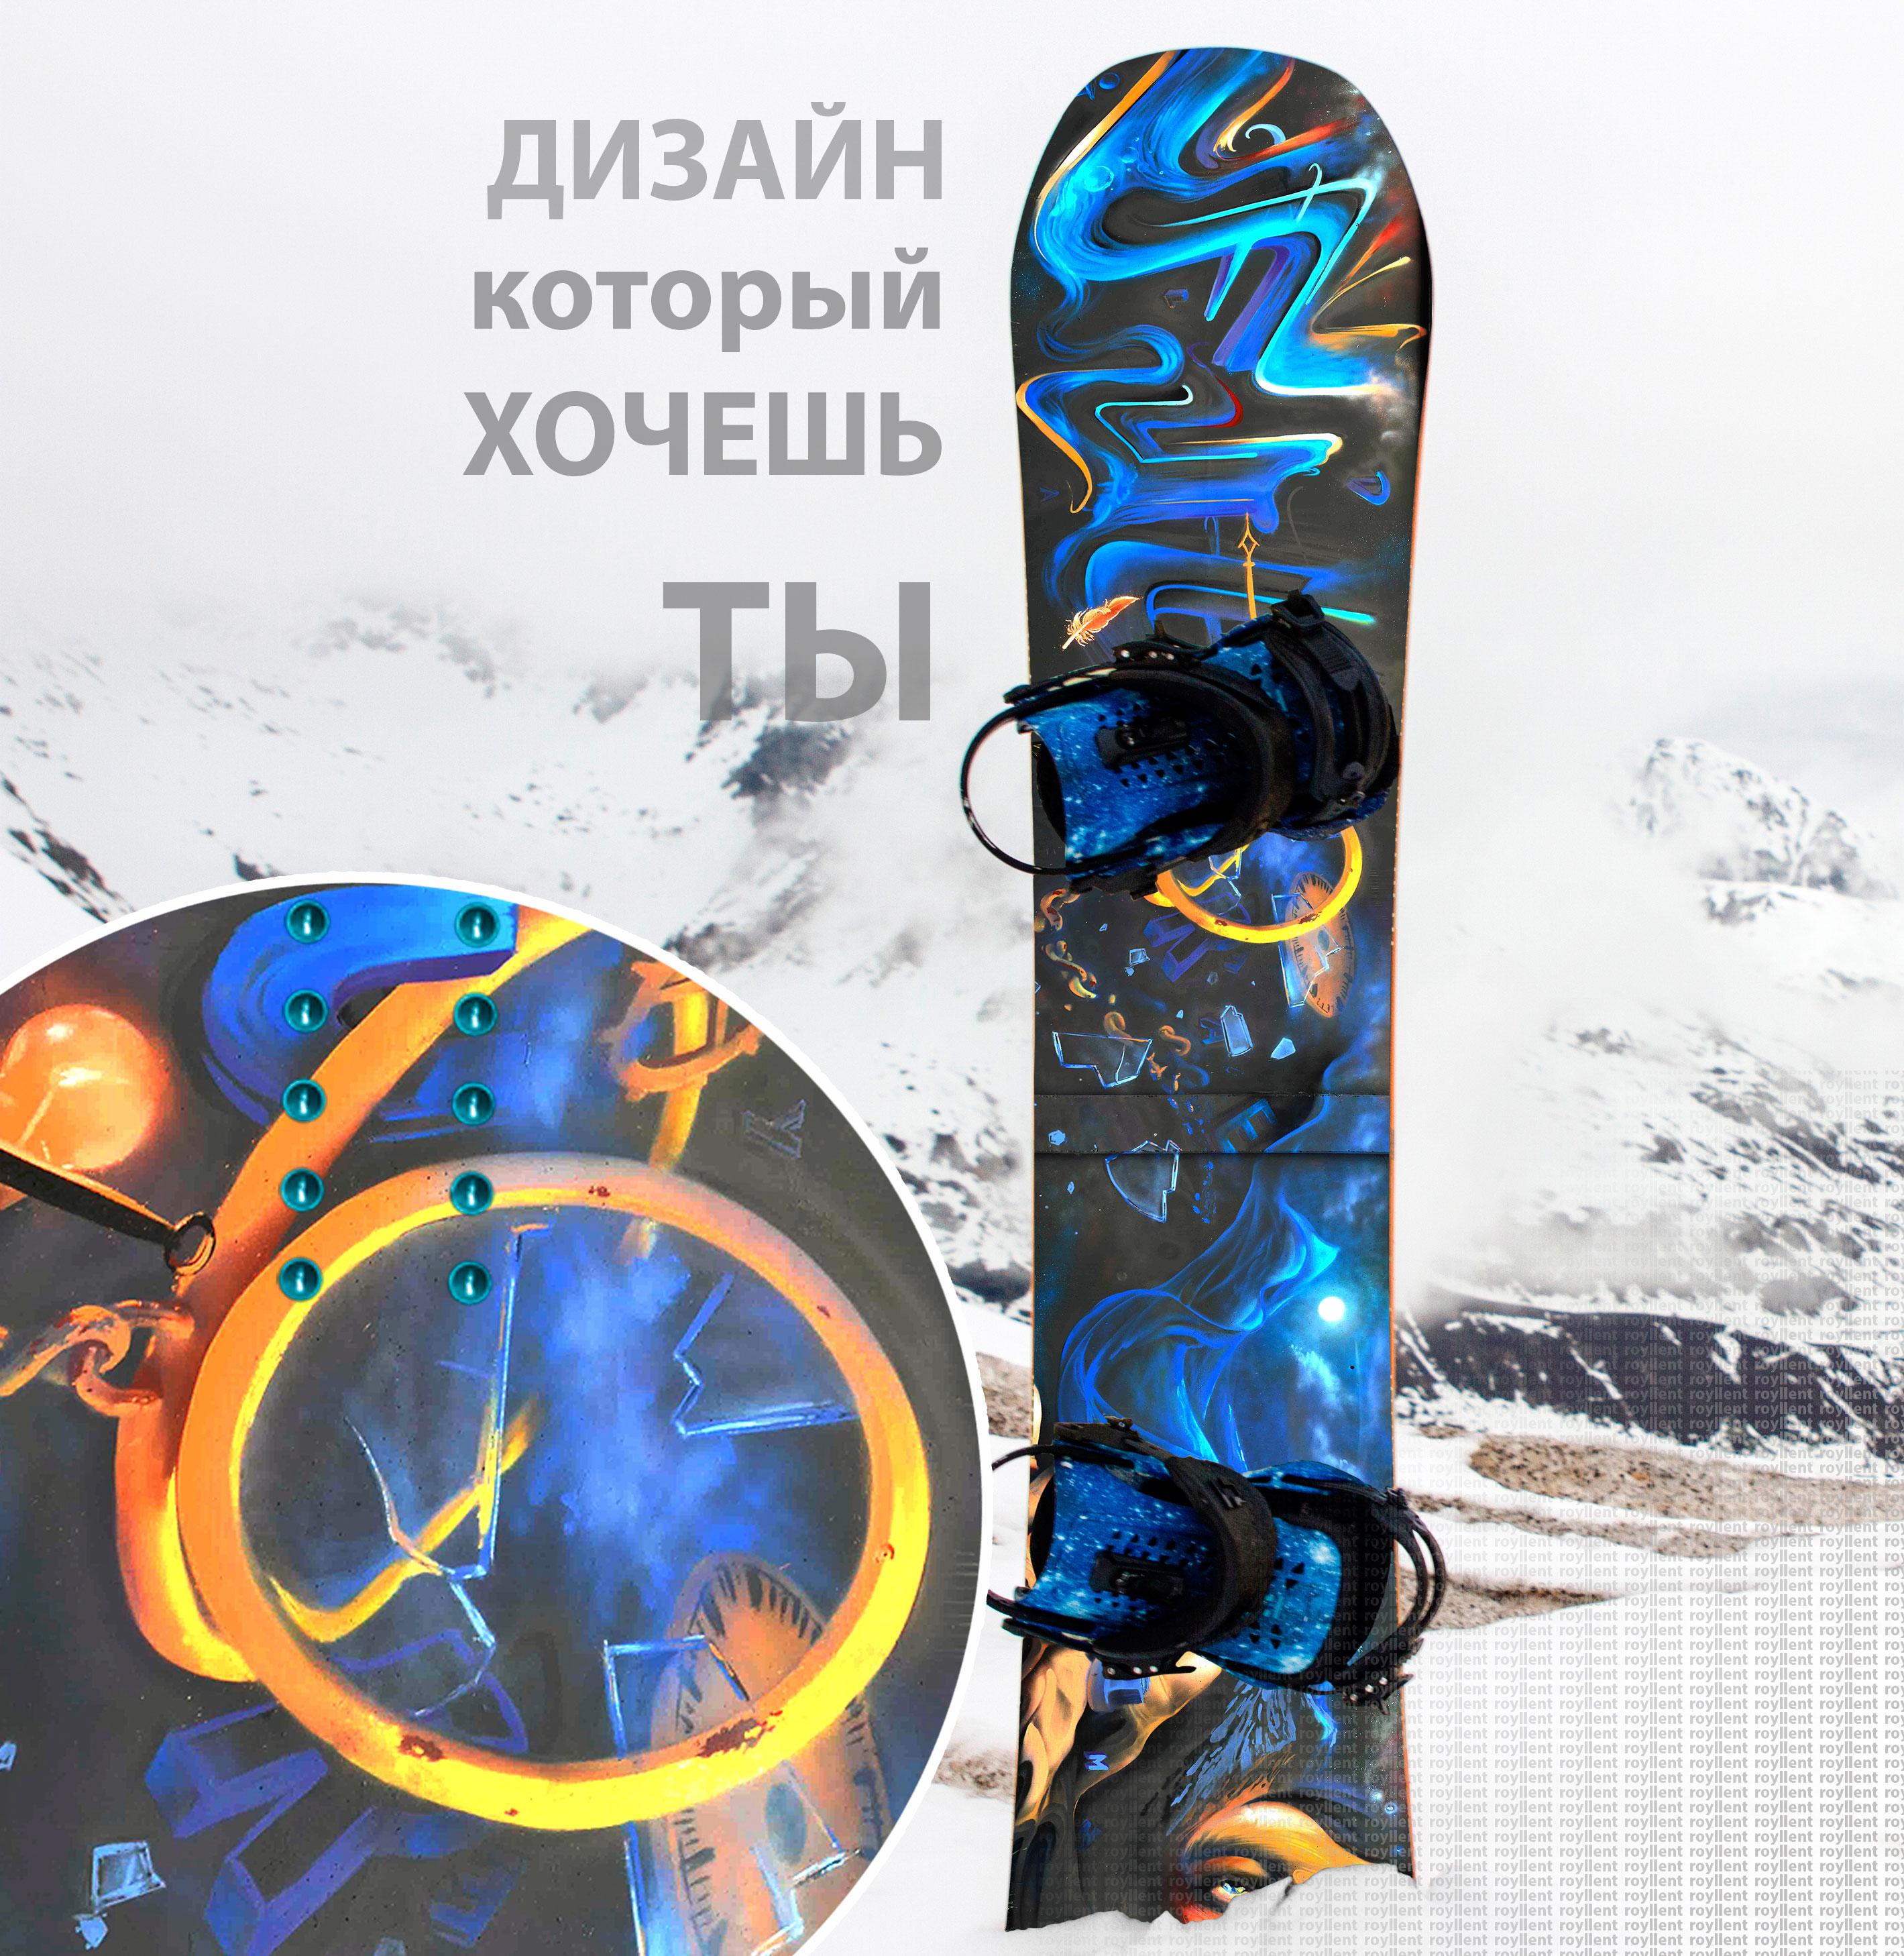 Заказать дизайн наклейки на сноуборд купить с доставкой по России недорого